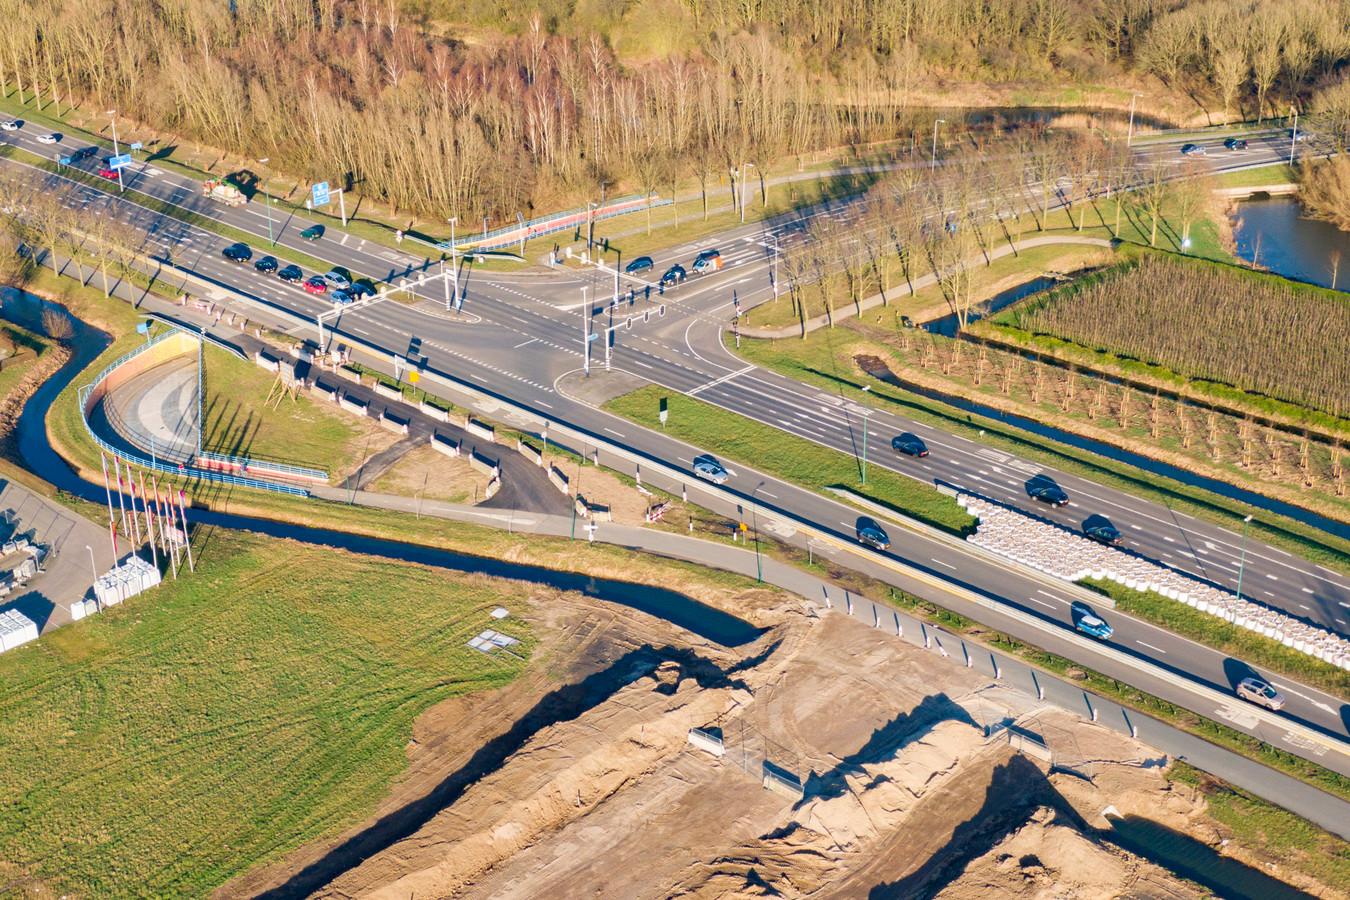 Op de Laagravenseweg in Nieuwegein is de aanleg begonnen van een nieuwe toegangsweg naar industrieterrein Laagraven. Discussiepunt is echter nog de rol van de fietser in het verkeer.